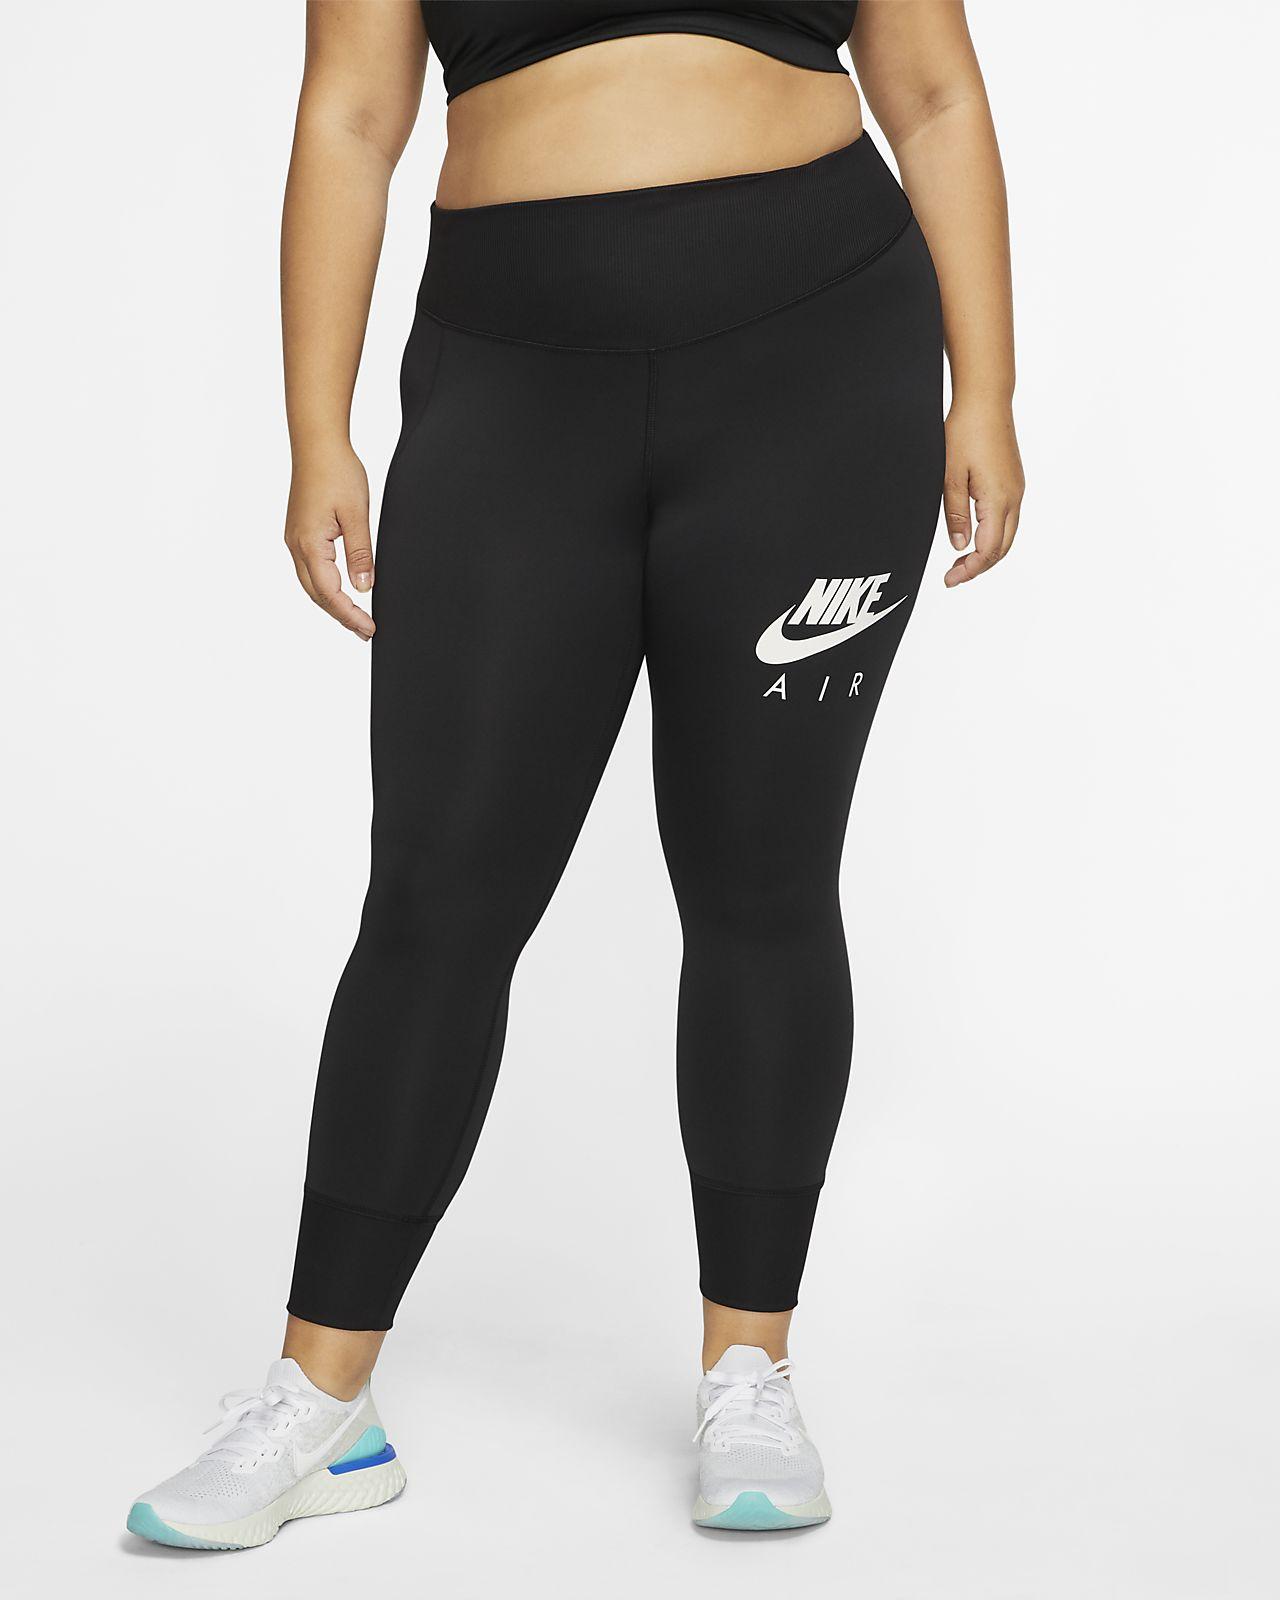 Legging de running 7/8 Nike Fast pour Femme (grande taille)